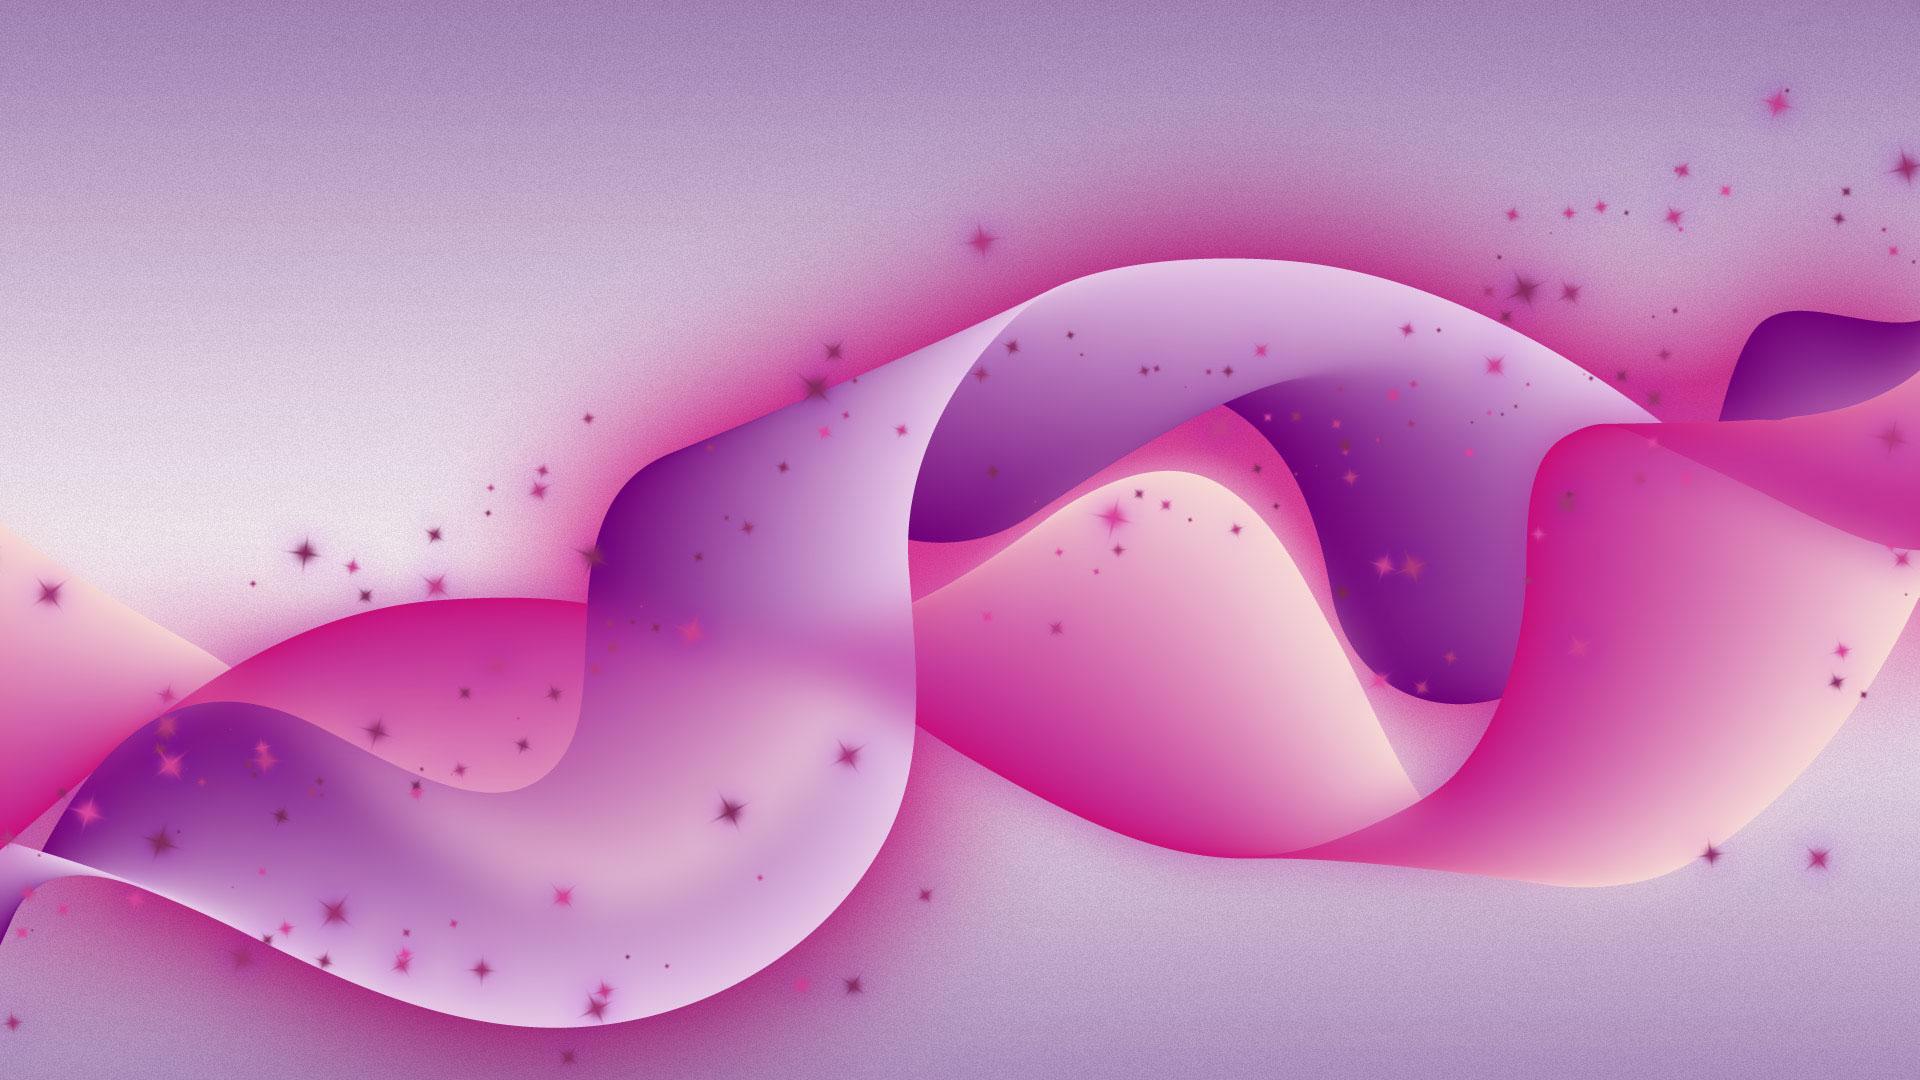 Dimensions1920x1080 1600x900 1280x720 Cool HD Wallpaper